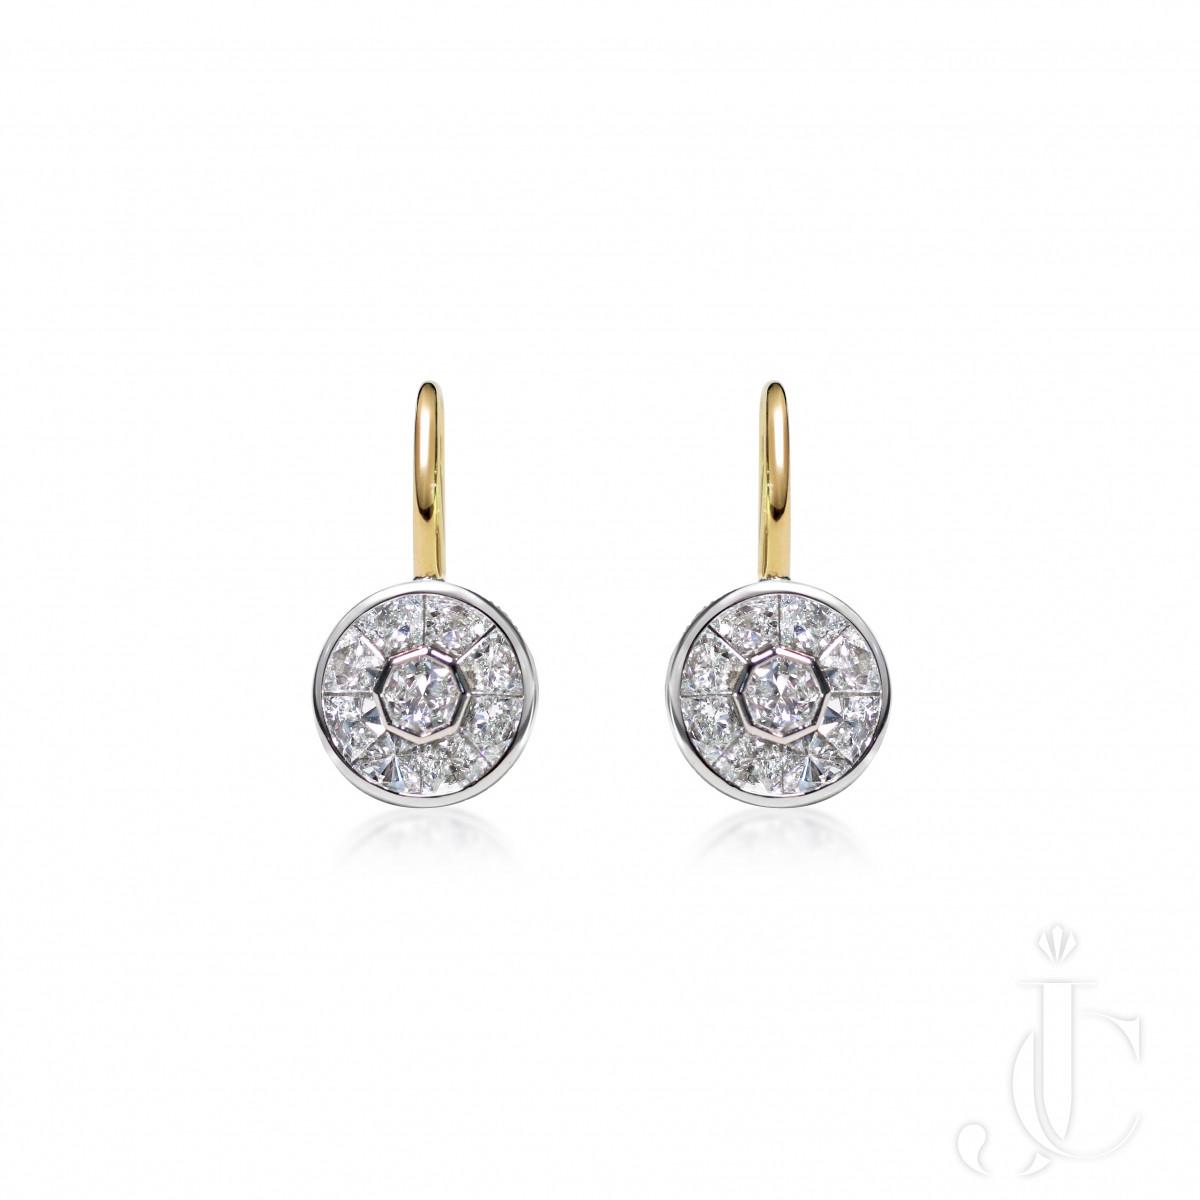 An Order of Bling Diamond and 18K Gold Earrings